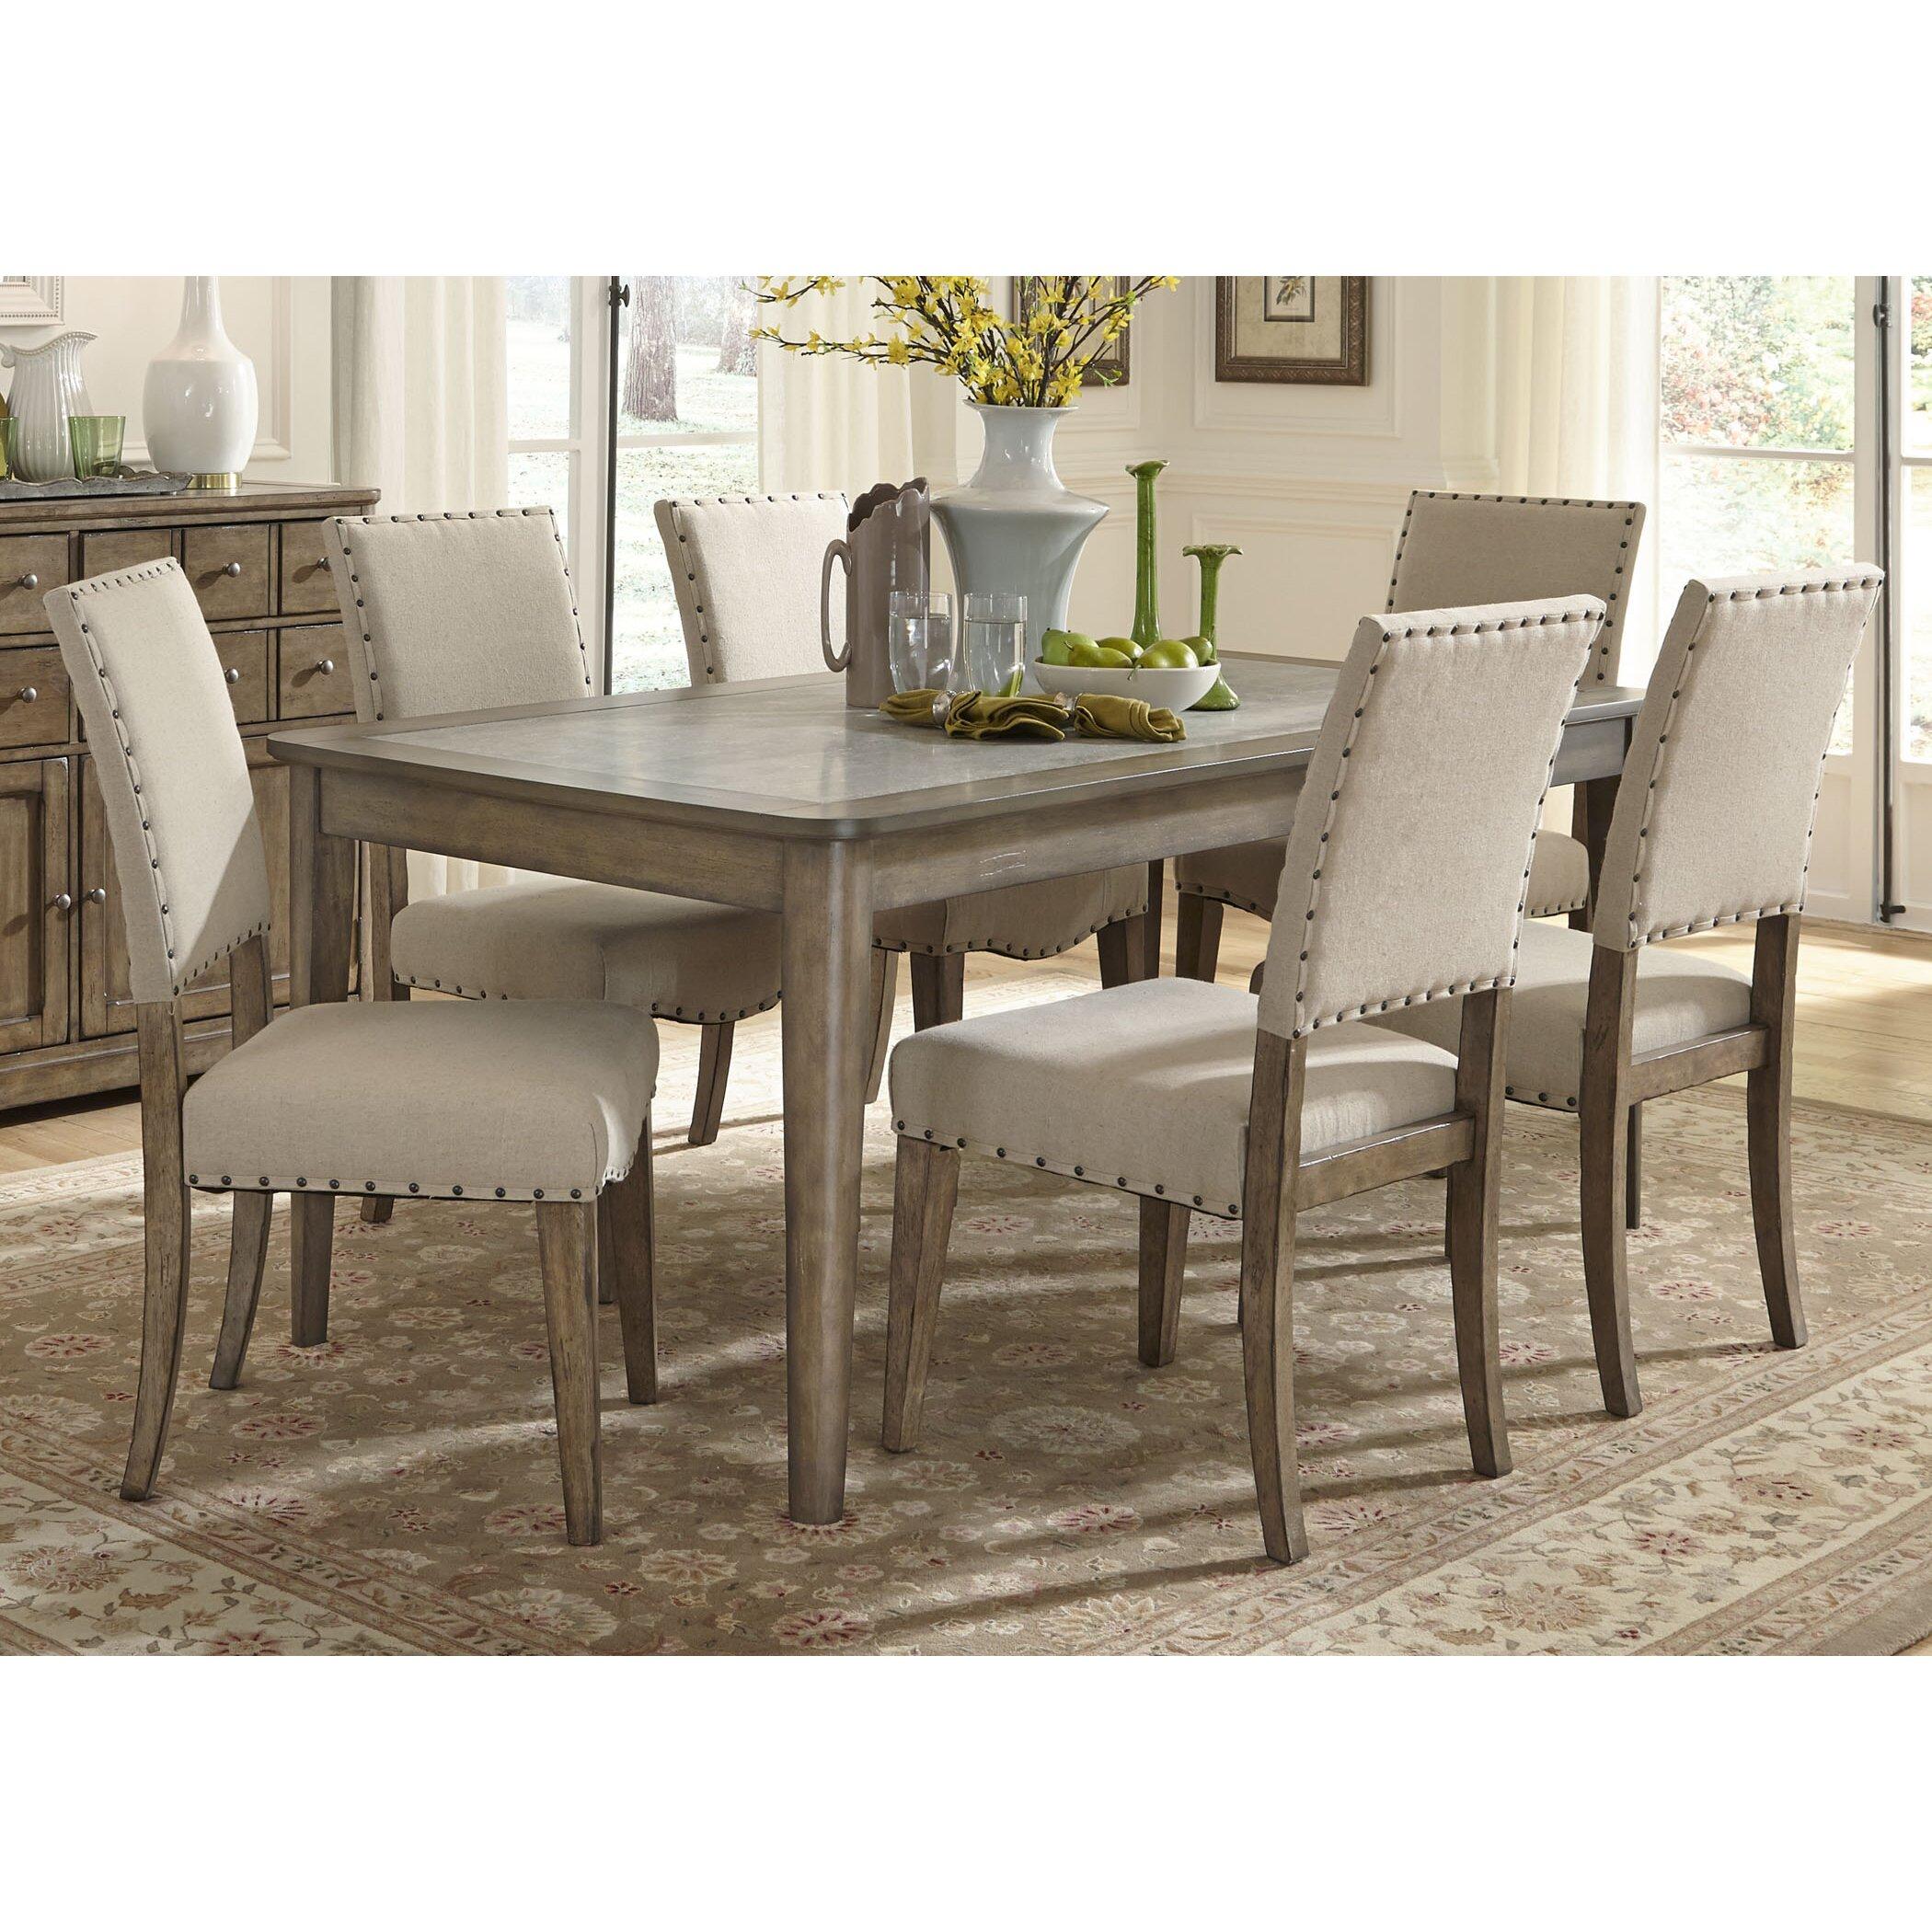 Liberty furniture 7 piece dining set reviews wayfair for Furniture 7 credit reviews